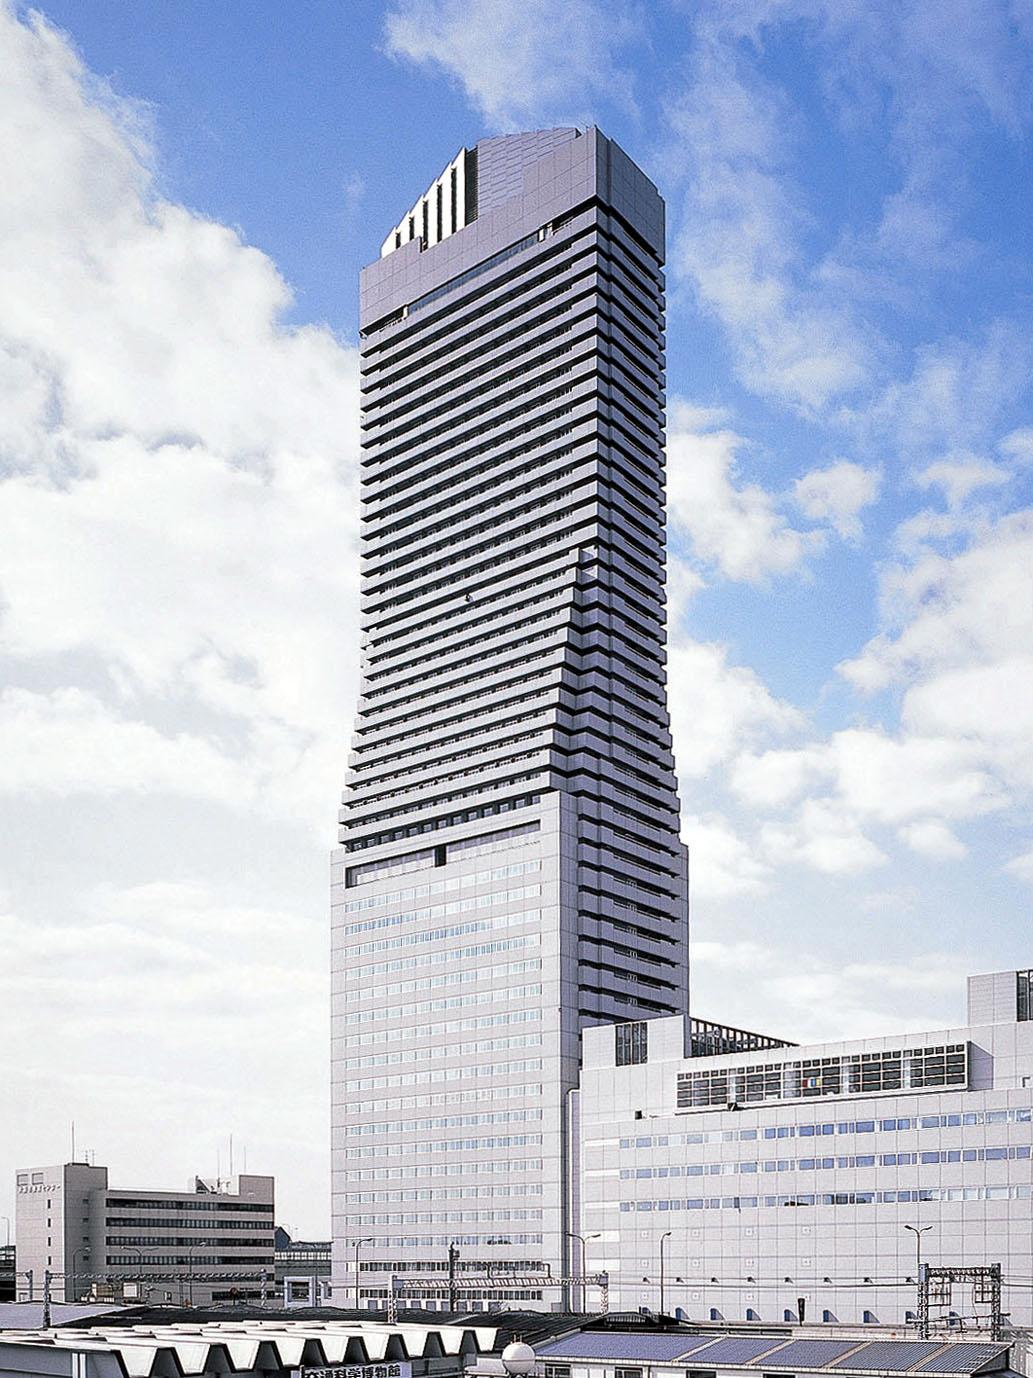 ホテル大阪ベイタワー <大阪弁天町>|全景写真 ホテル大阪ベイタワー <大阪弁天町>&n